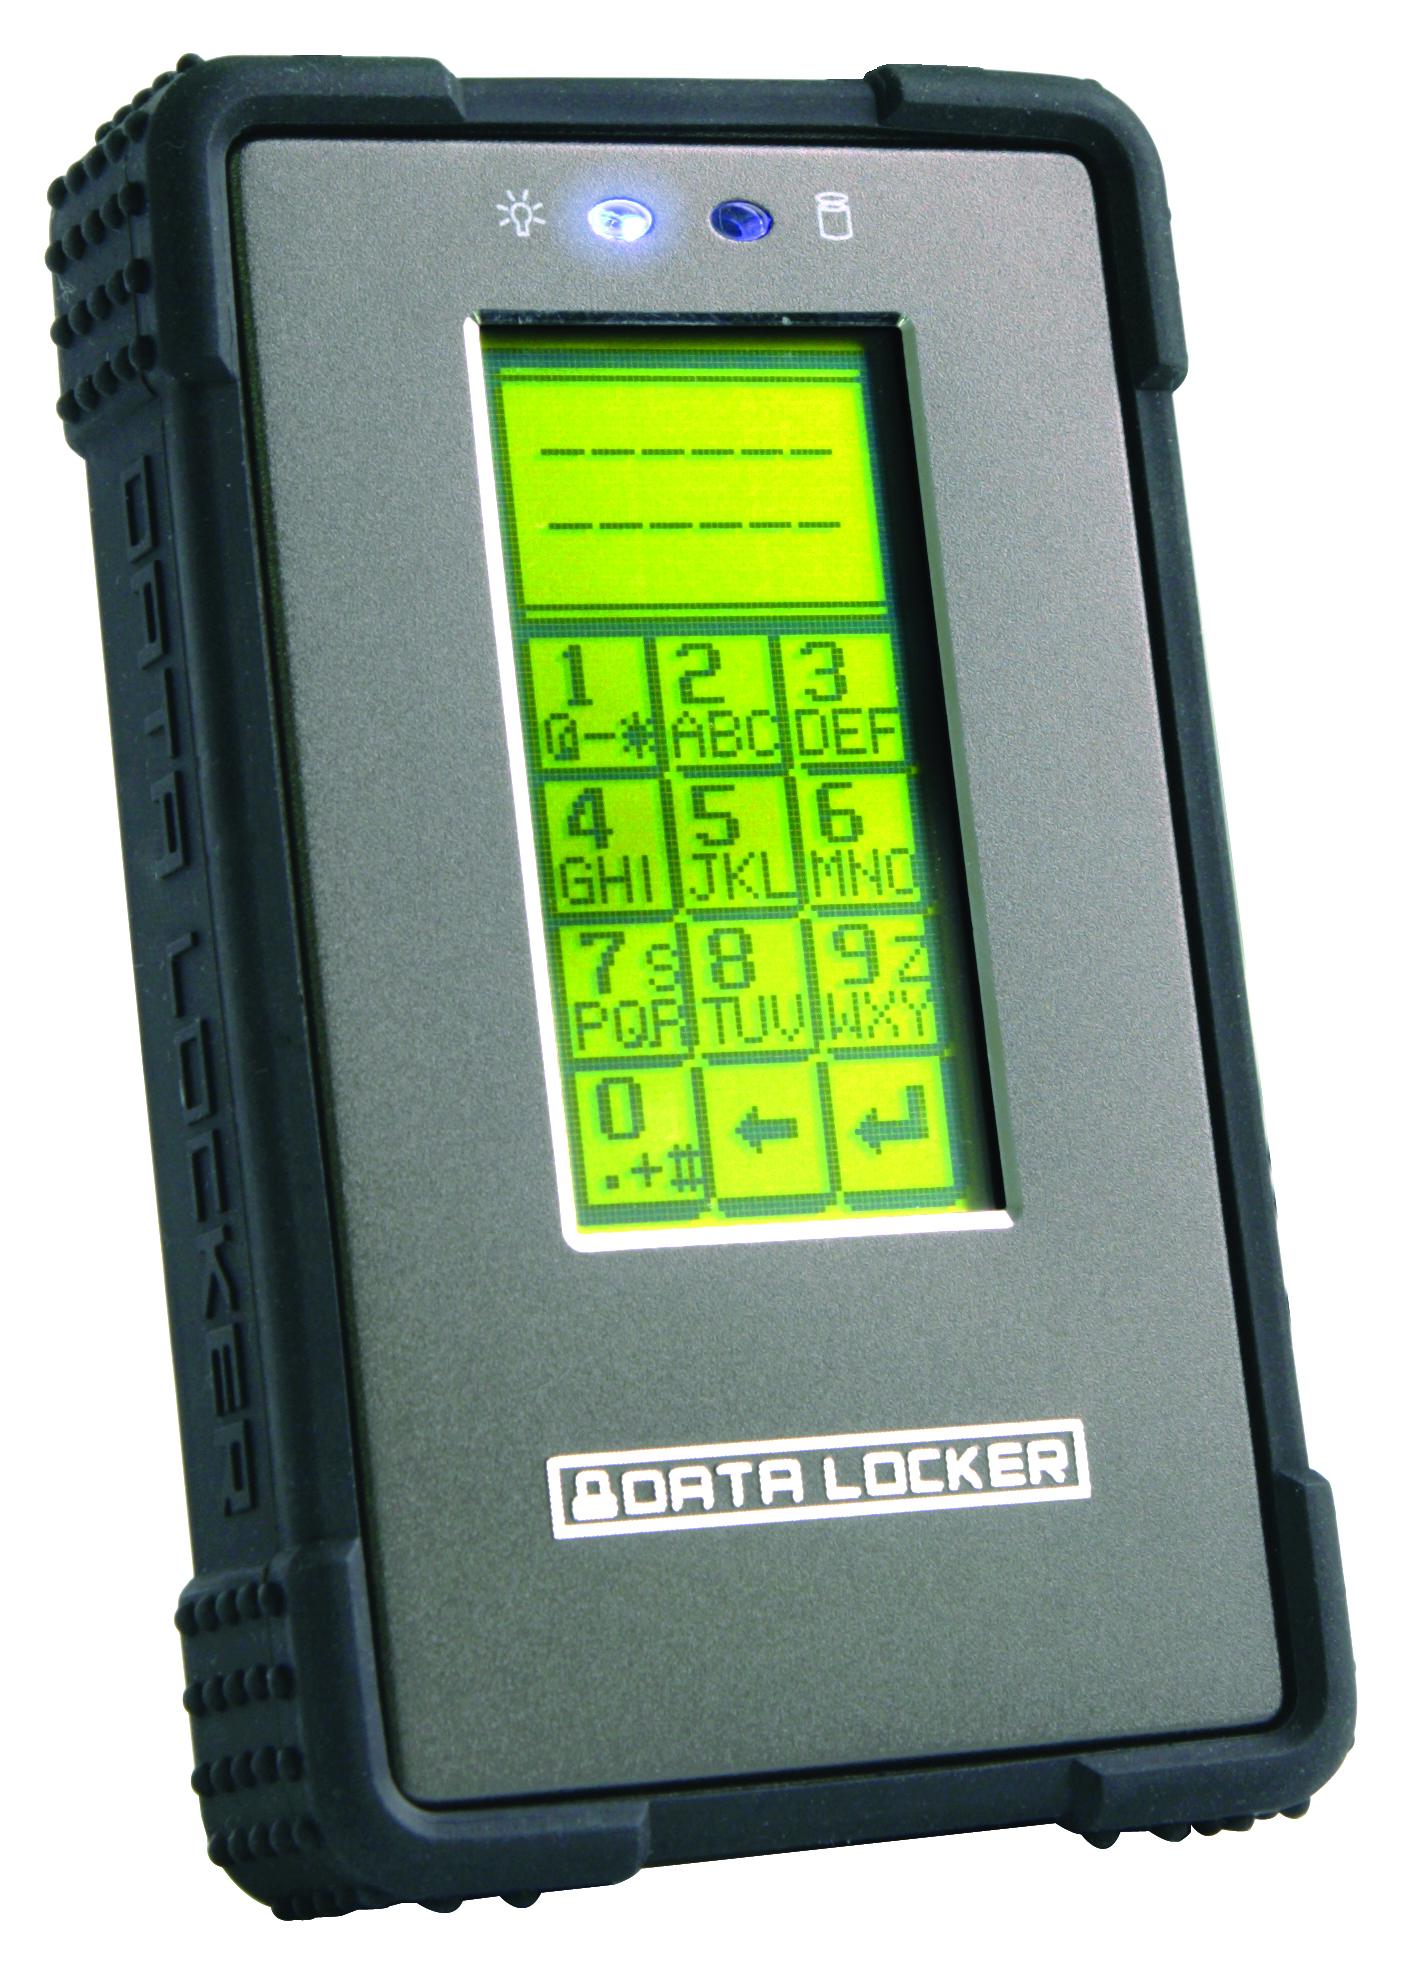 Https Pressemitteilung Origin Storage Ltd Fertig Rj45 Wiring Diagram 110506 Datalocker